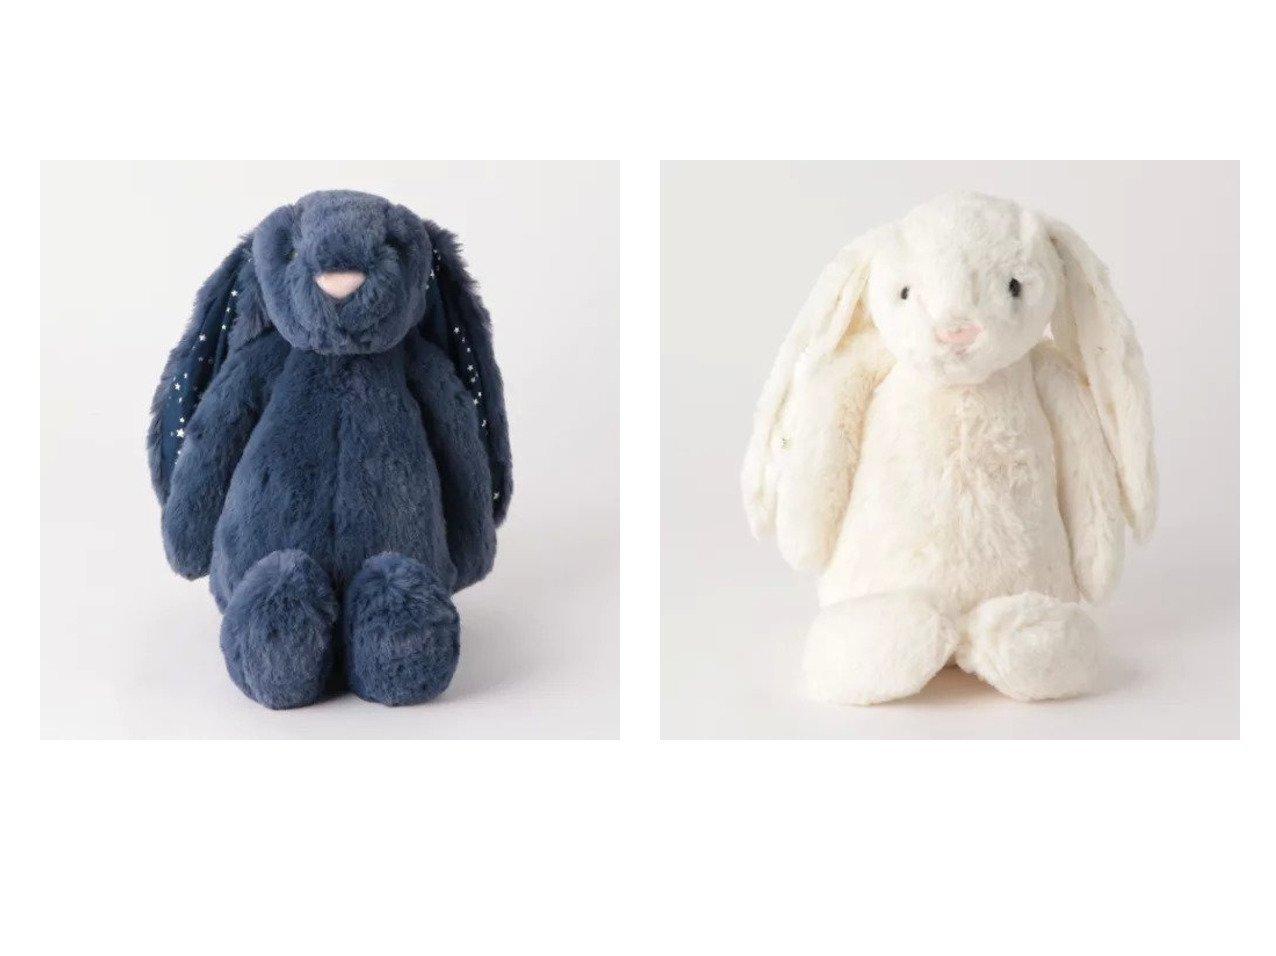 【green label relaxing / UNITED ARROWS / KIDS/グリーンレーベルリラクシング】のJELLYCAT(ジェリーキャット)Stardust Bunny M&JELLYCAT(ジェリーキャット)Twinkle Bunny M 【KIDS】子供服のおすすめ!人気トレンド・キッズファッションの通販  おすすめで人気の流行・トレンド、ファッションの通販商品 メンズファッション・キッズファッション・インテリア・家具・レディースファッション・服の通販 founy(ファニー) https://founy.com/ ファッション Fashion キッズファッション KIDS プリント ロンドン |ID:crp329100000011278